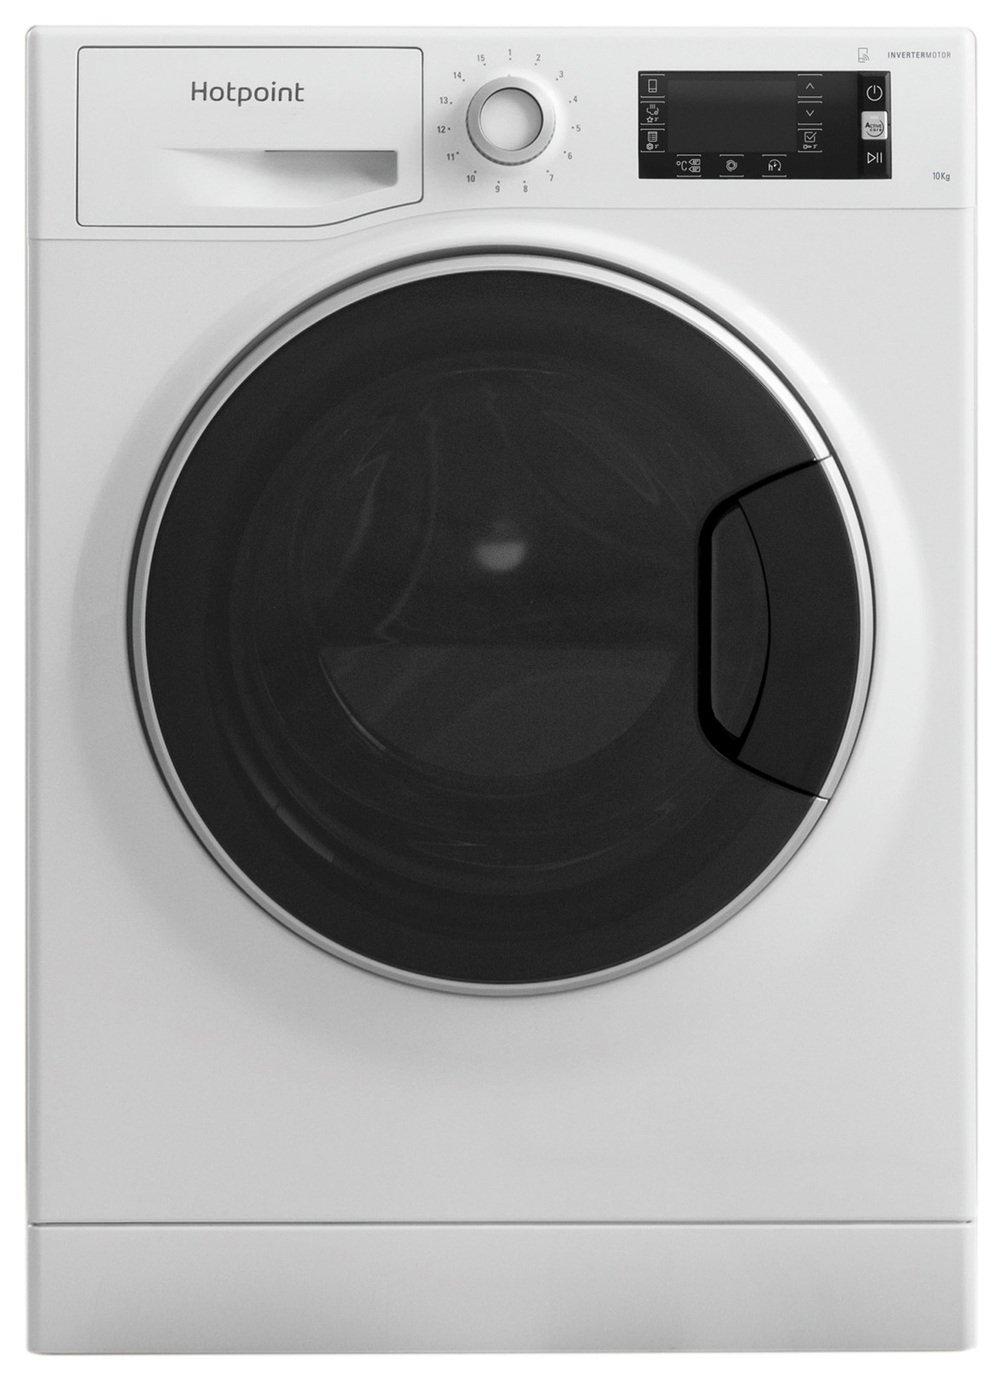 Hotpoint NM111045WCAUK 10KG 1400 Washing Machine - White